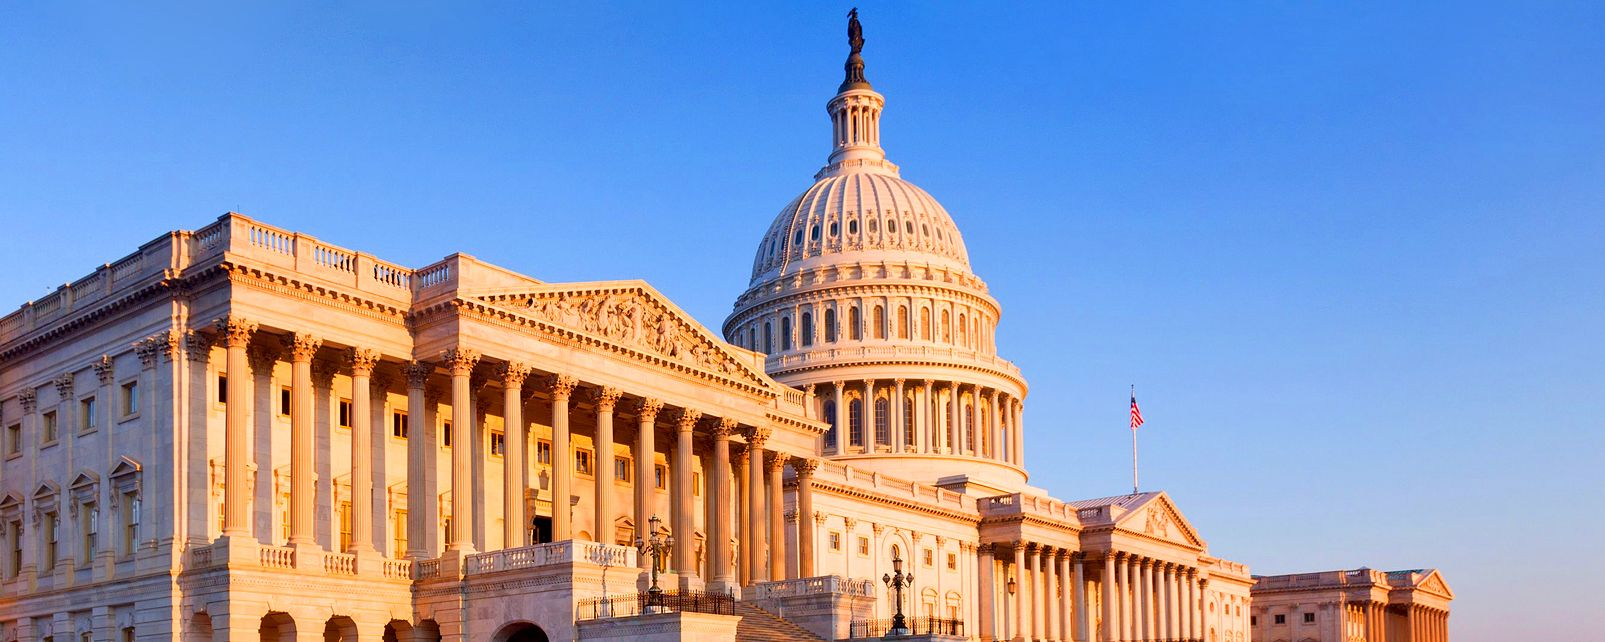 Capitole, Washington, DC, USA, Congrès, états-Unis, amerique